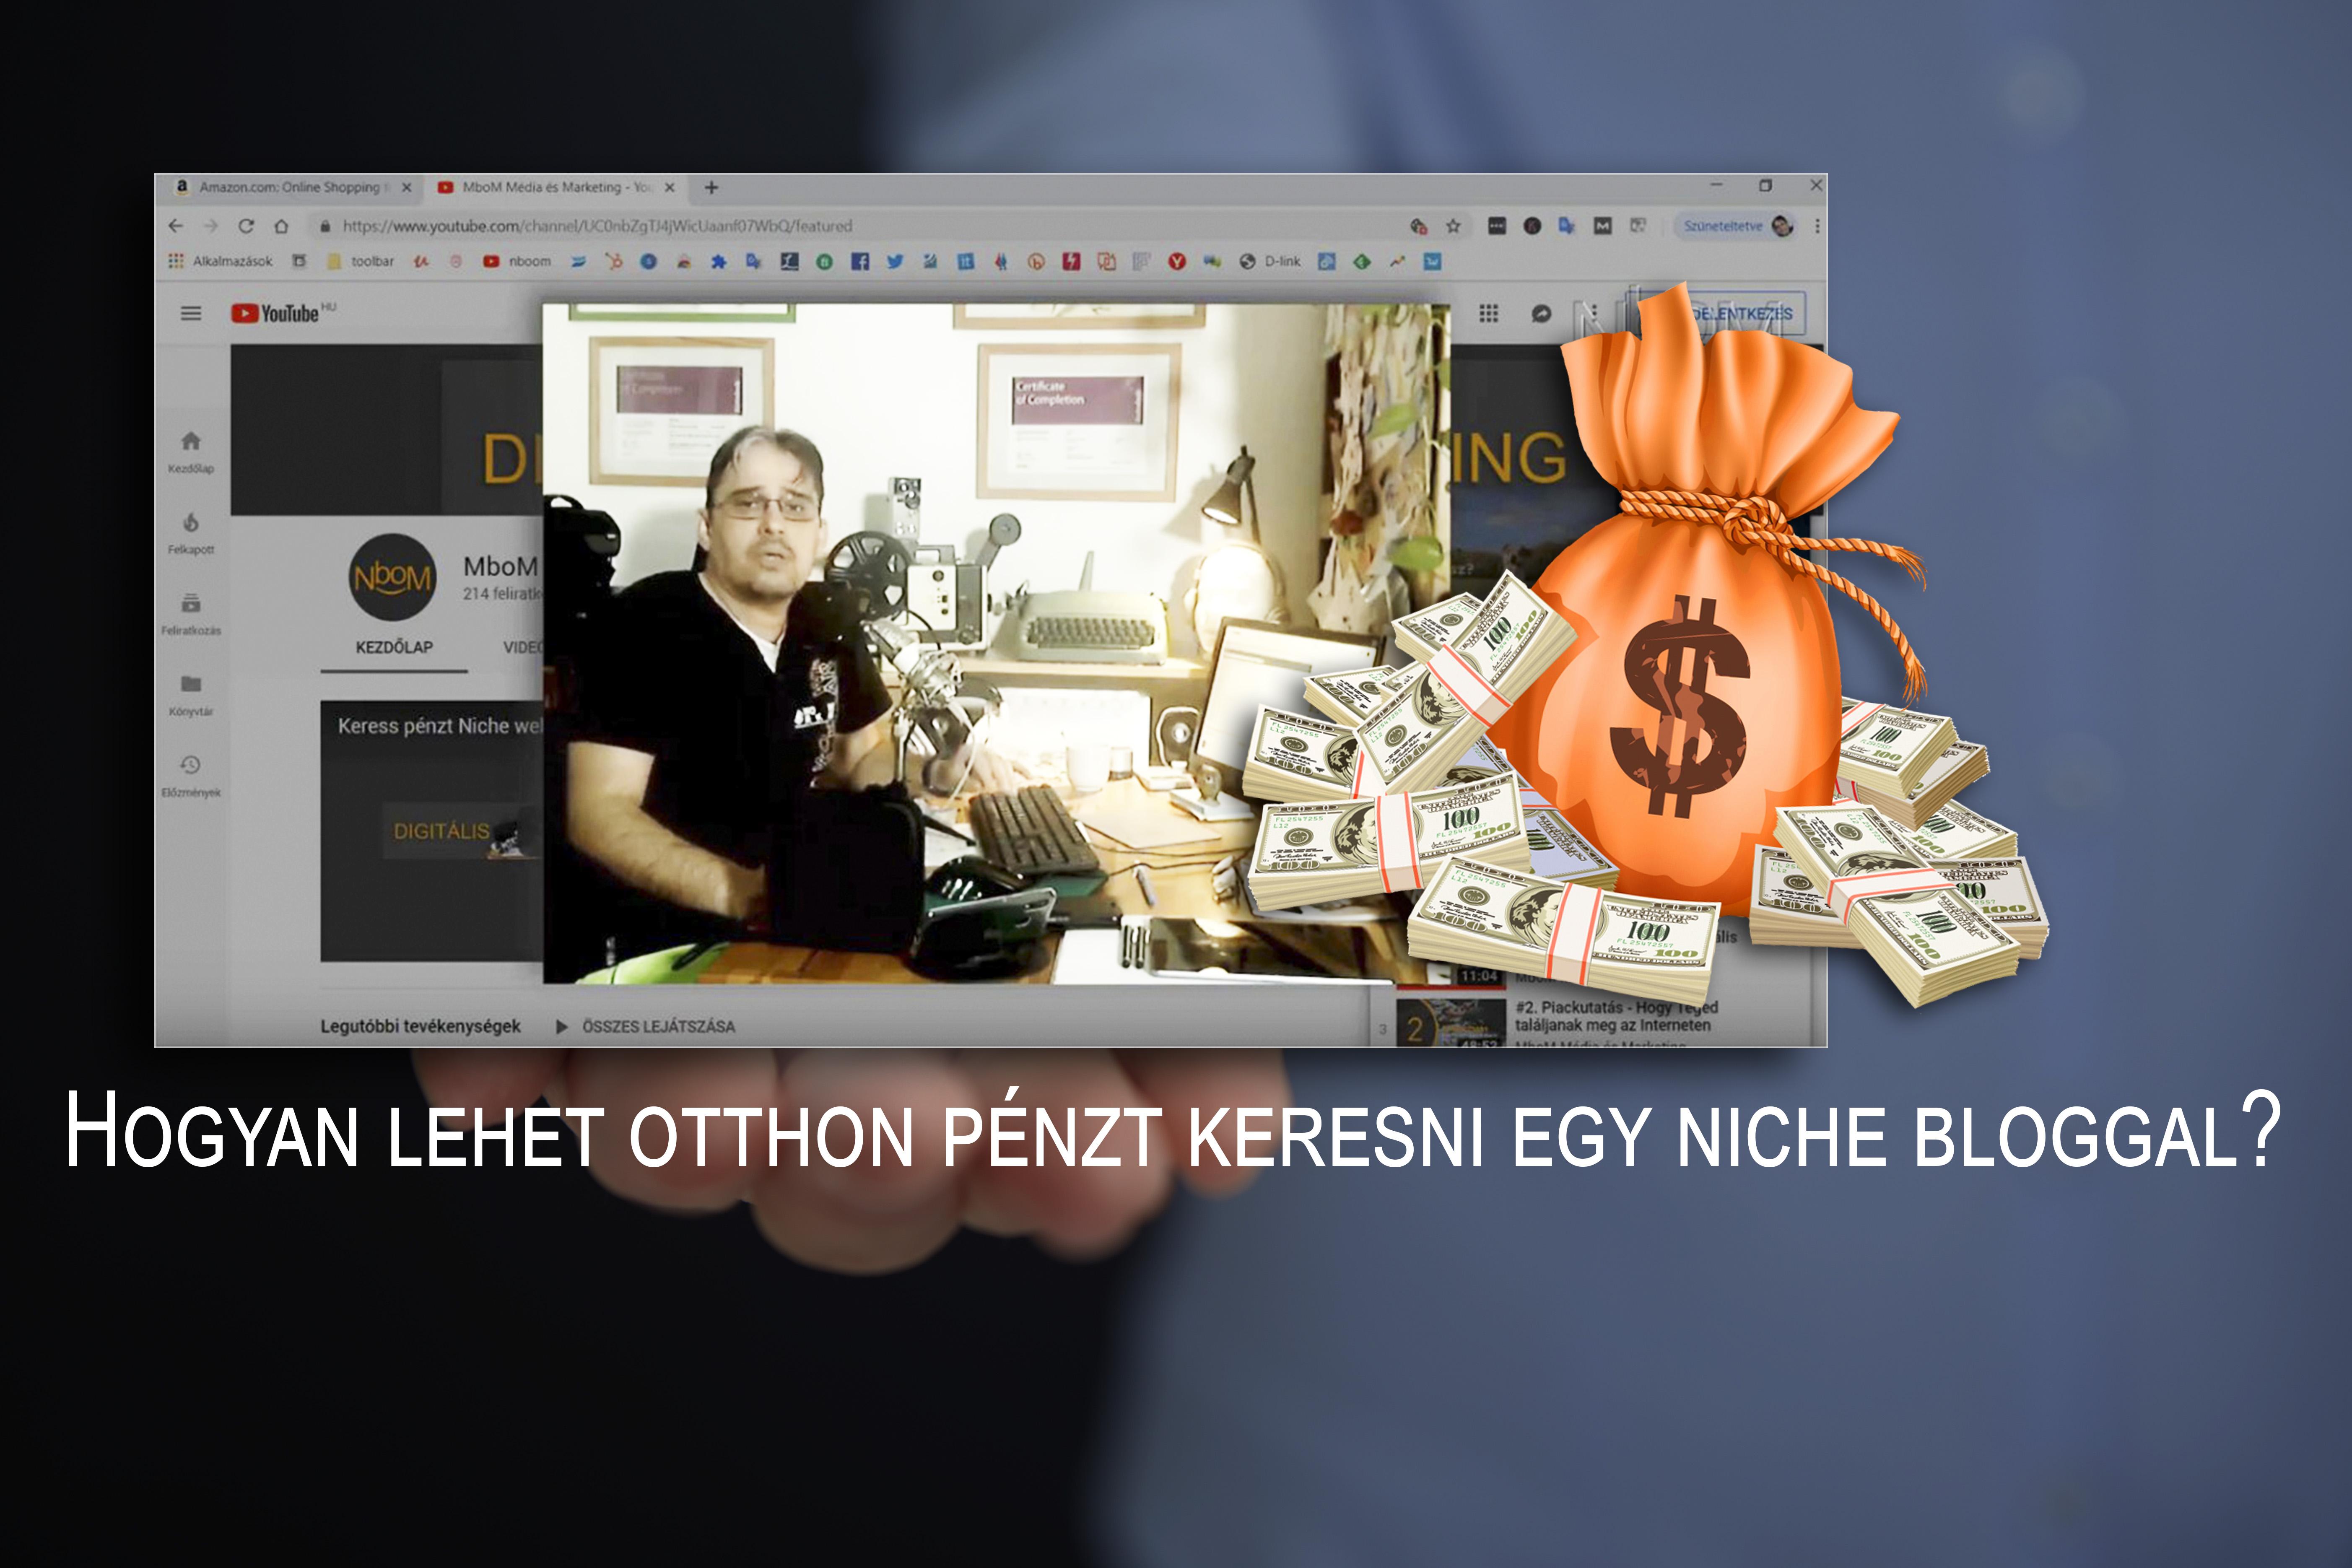 hogyan lehet pénzt keresni r)